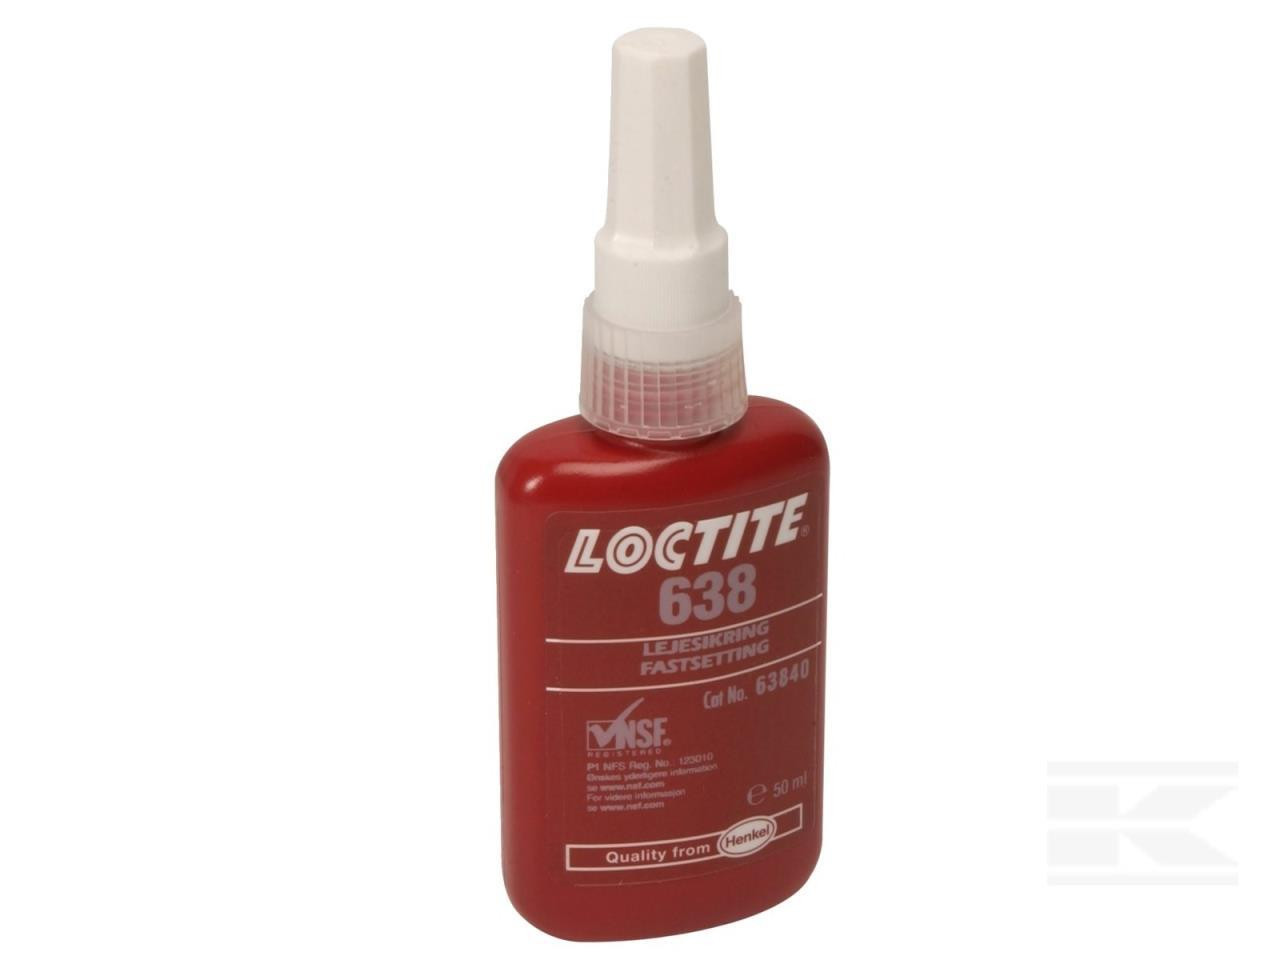 LEJESIKRING LOCTITE 638 50 ML